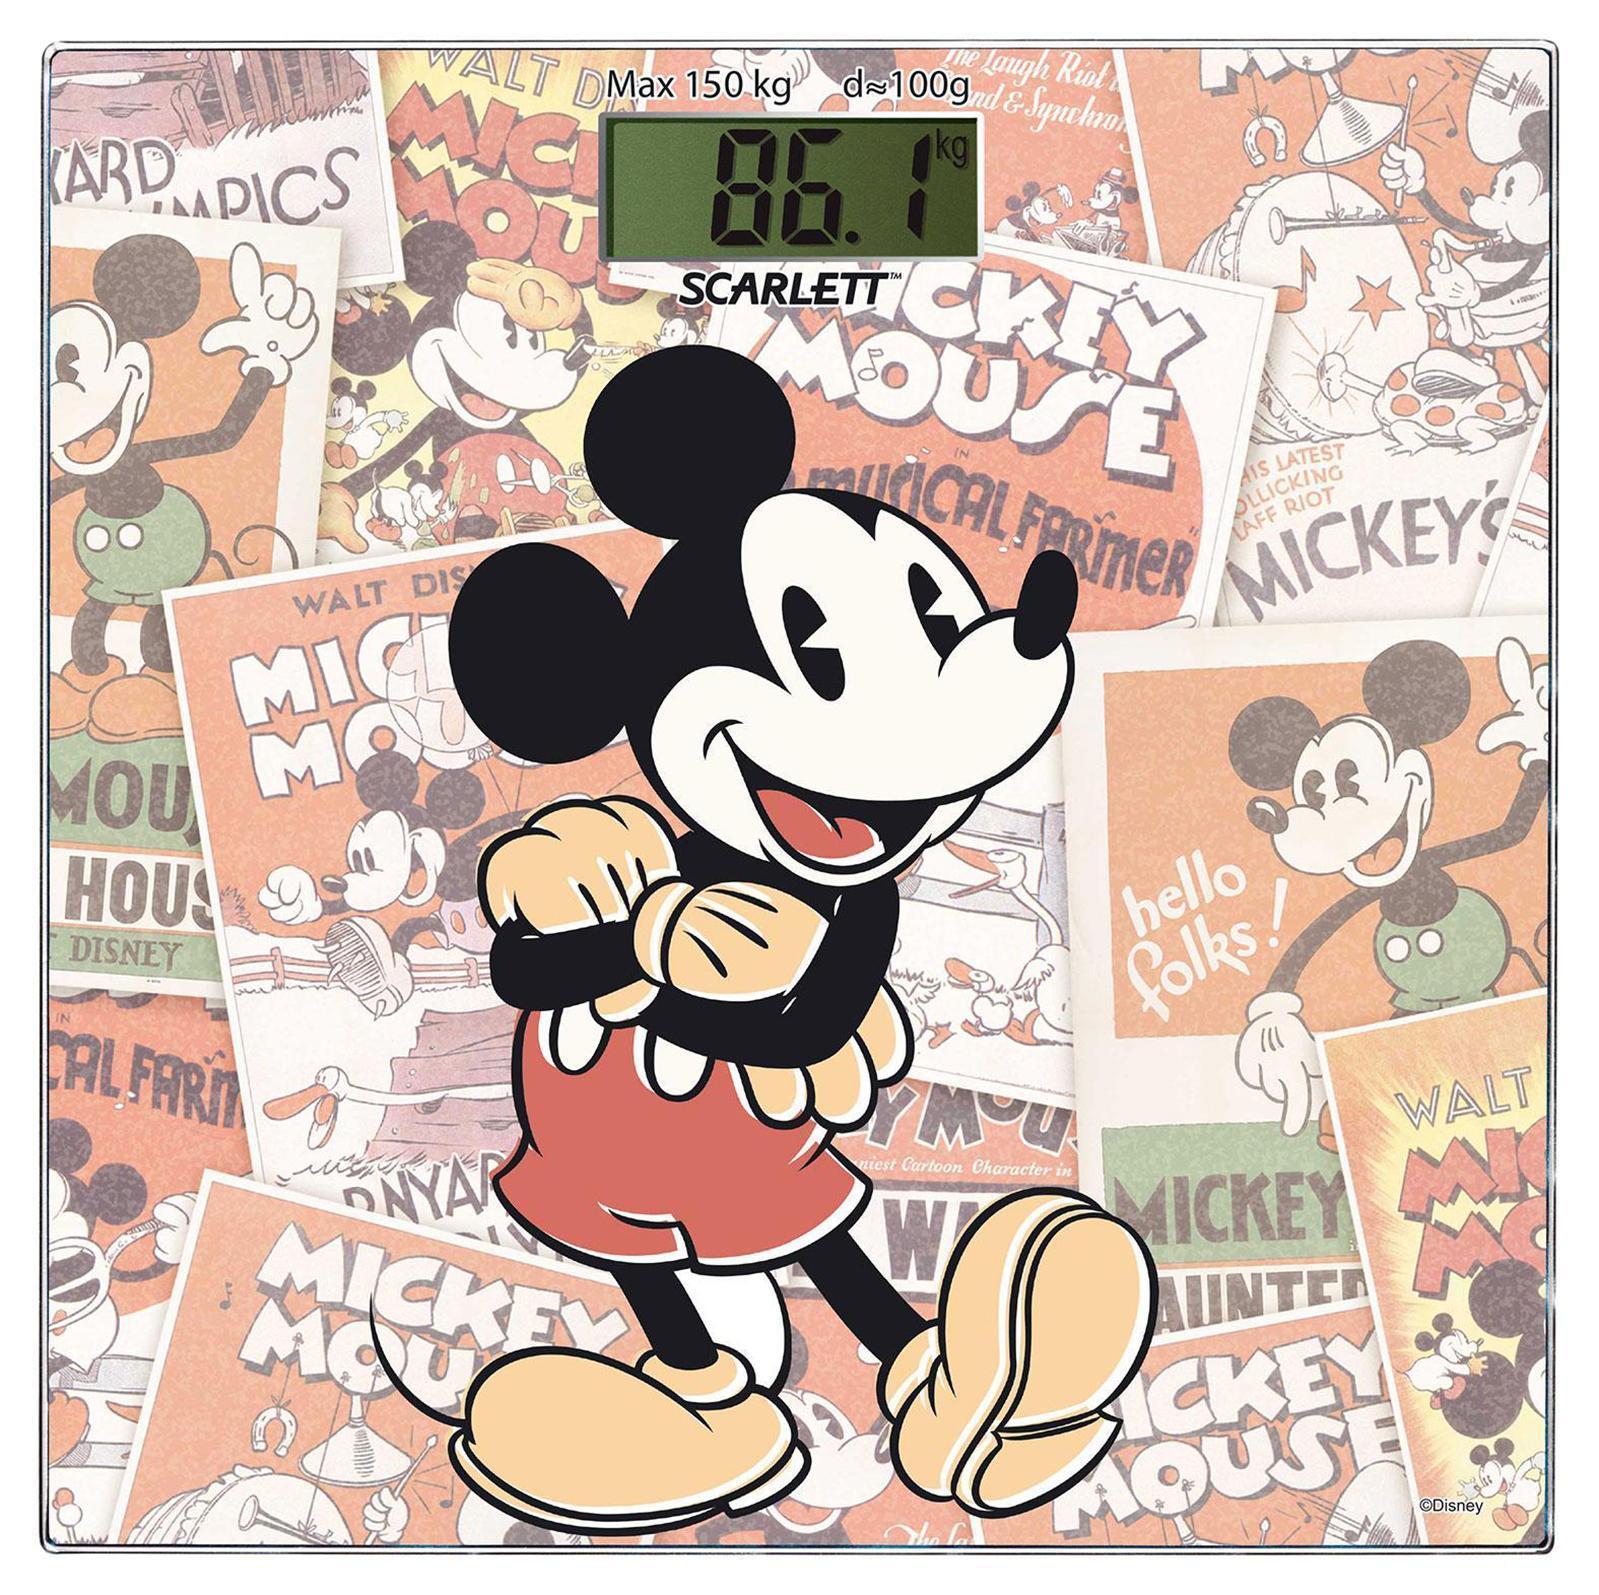 Scarlett SC-BSD33E899 Mickey Retro весы напольные электронныеSC-BSD33E899Напольные весы Scarlett SC-BSD33E899 изготовлены из ударопрочного стекла толщиной 6 мм и оформлены в изображением известного персонажа мультфильмов. Весы имеют стандартную точность измерения, равную 100 грамм. Устройство измеряет массу тела в килограммах и работает от батарейки типа CR2032(1 шт). Электронный дисплей размером 74 х 28,5 мм отображает большие цифры, которые можно будет увидеть с высоты человеческого роста. Также данная модель имеет прорезиненные ножки, для большей устойчивости.